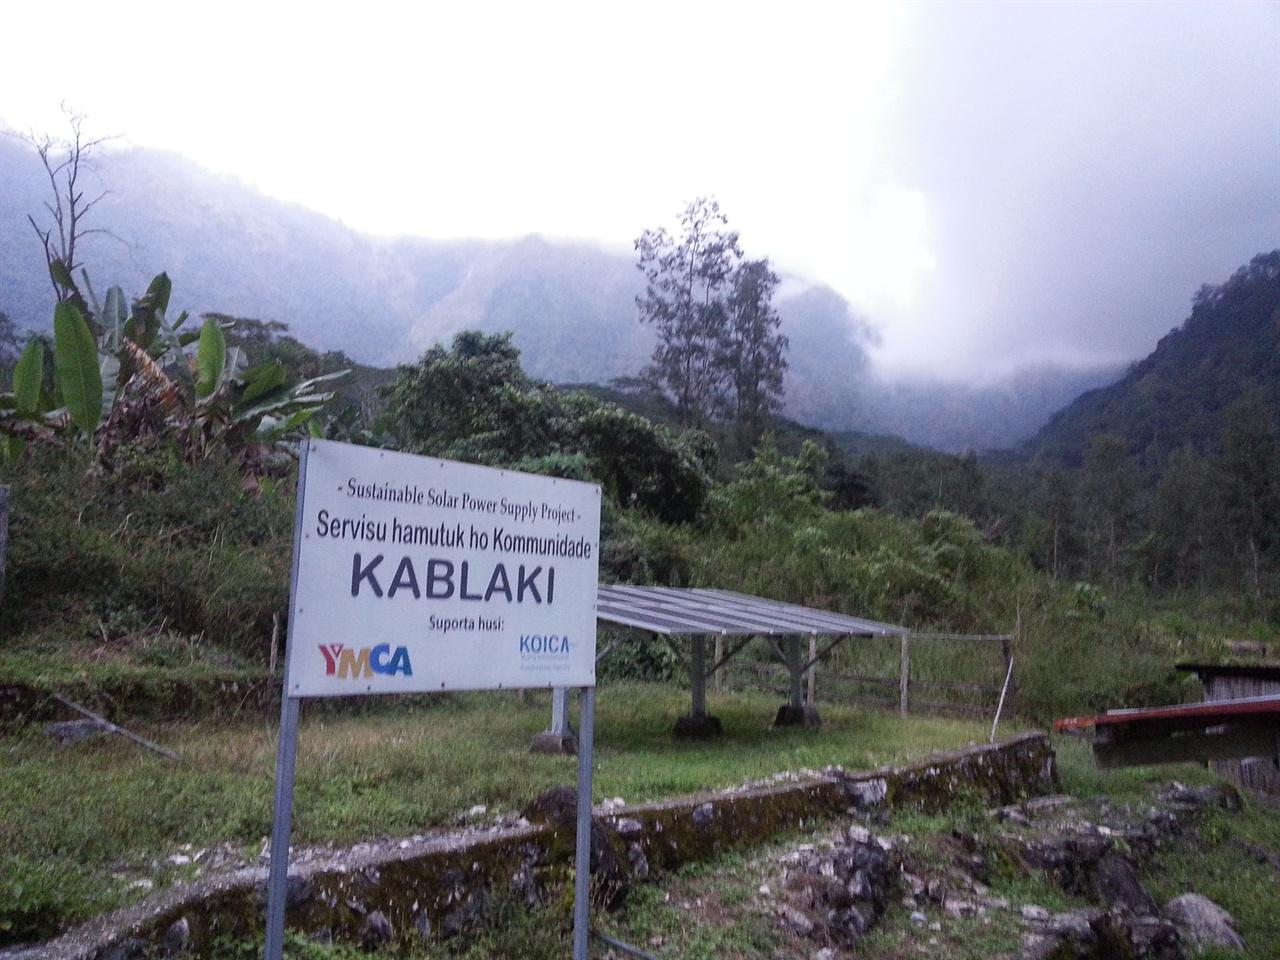 카브라키 태양광 발전소 사메지역 카브라키 마을 풍경